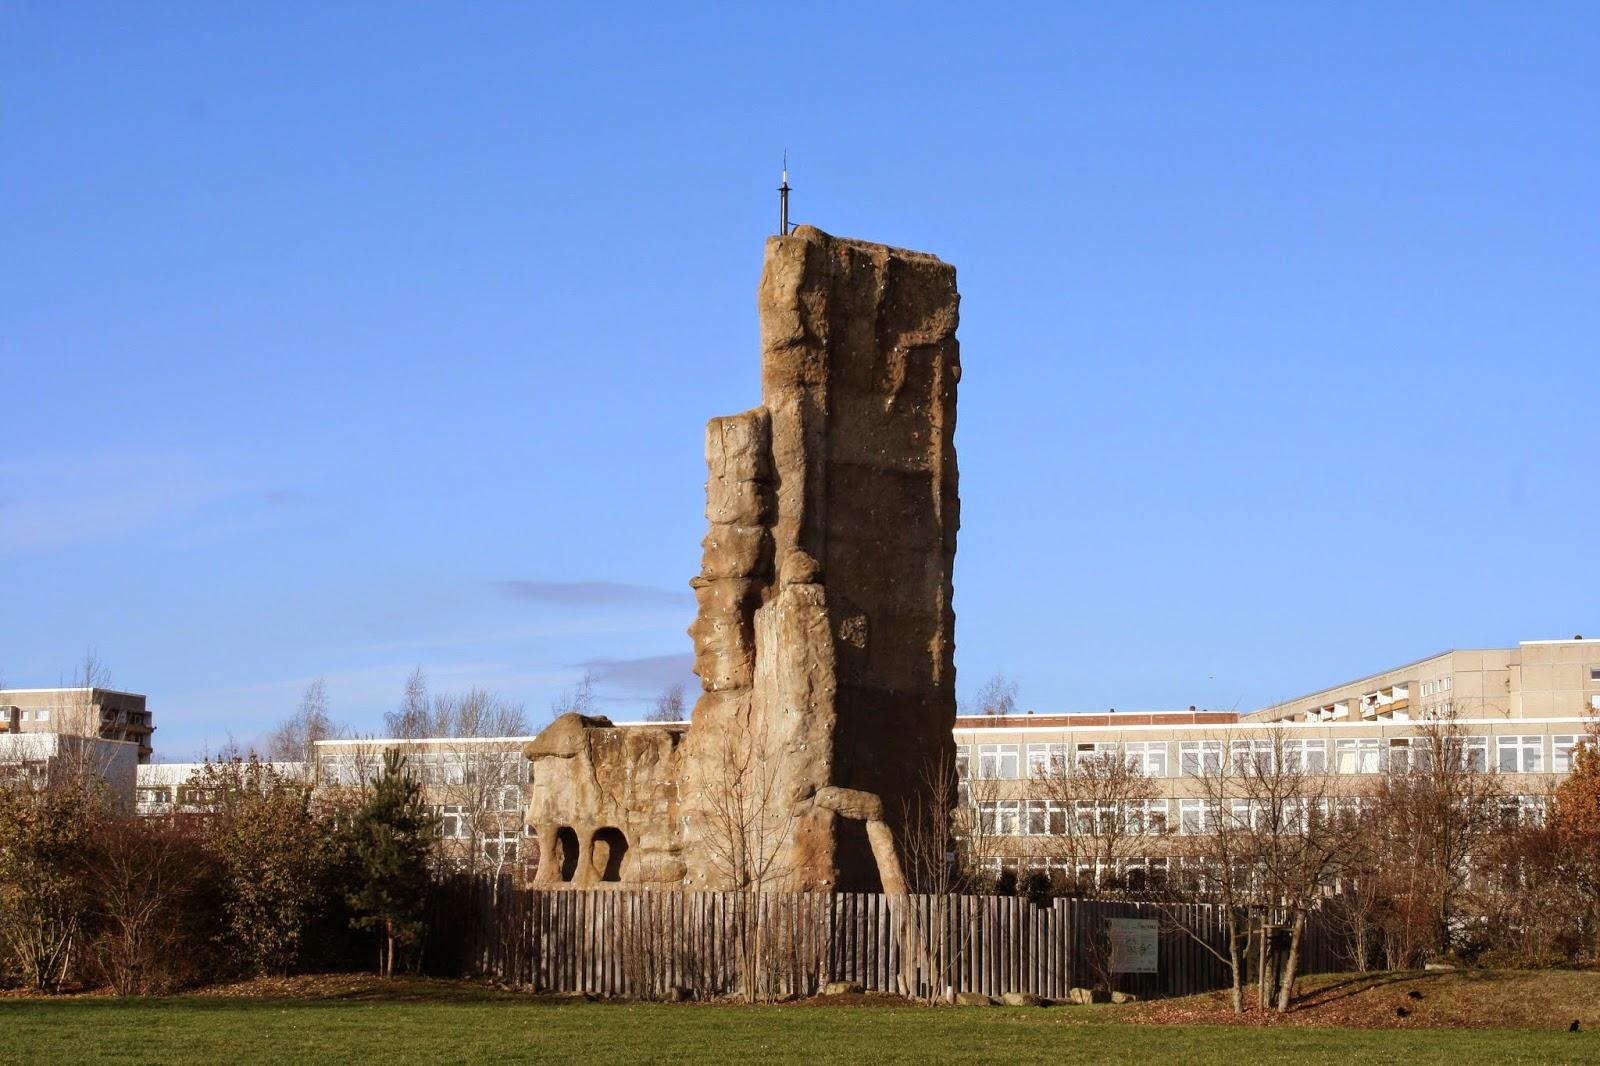 Der Kletterfelsen K4 in Grünau wurde aus demontierten Balkonbrüstungen eines 11-geschossigen Plattenbaus sowie Abbruchplatten eines 16-geschossigen Hochhauses gefertigt